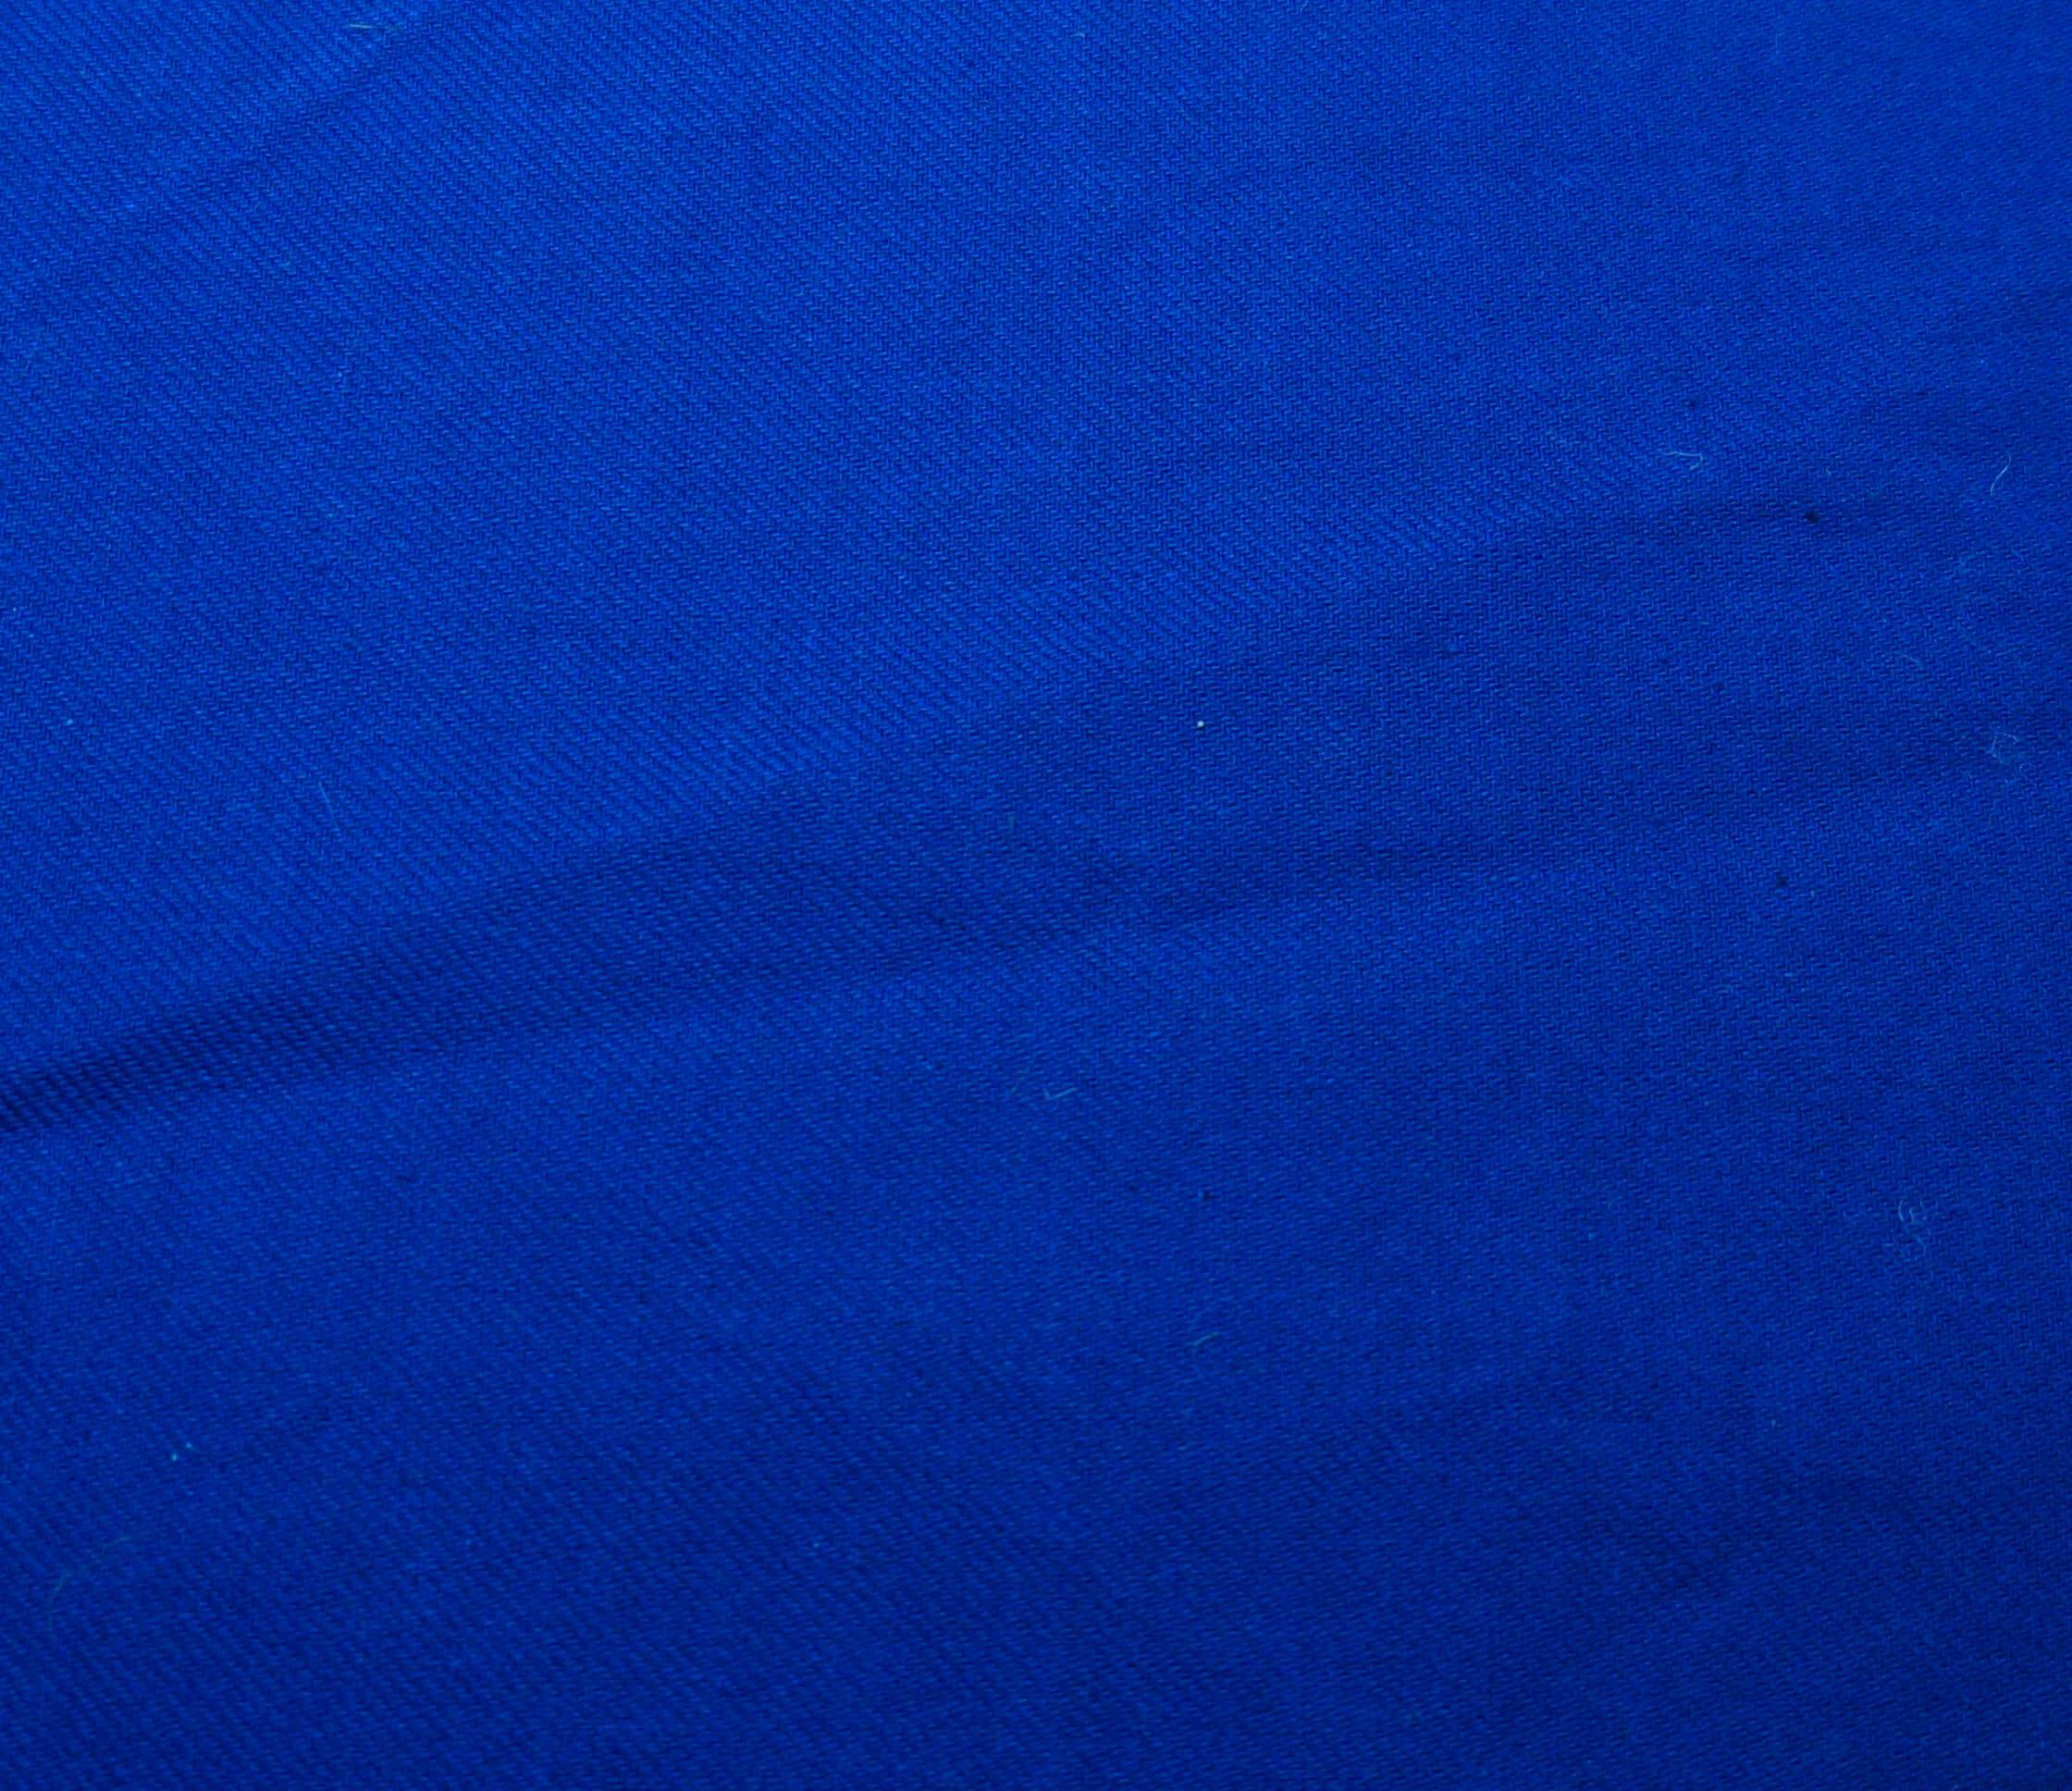 Ткань синяя диагональ